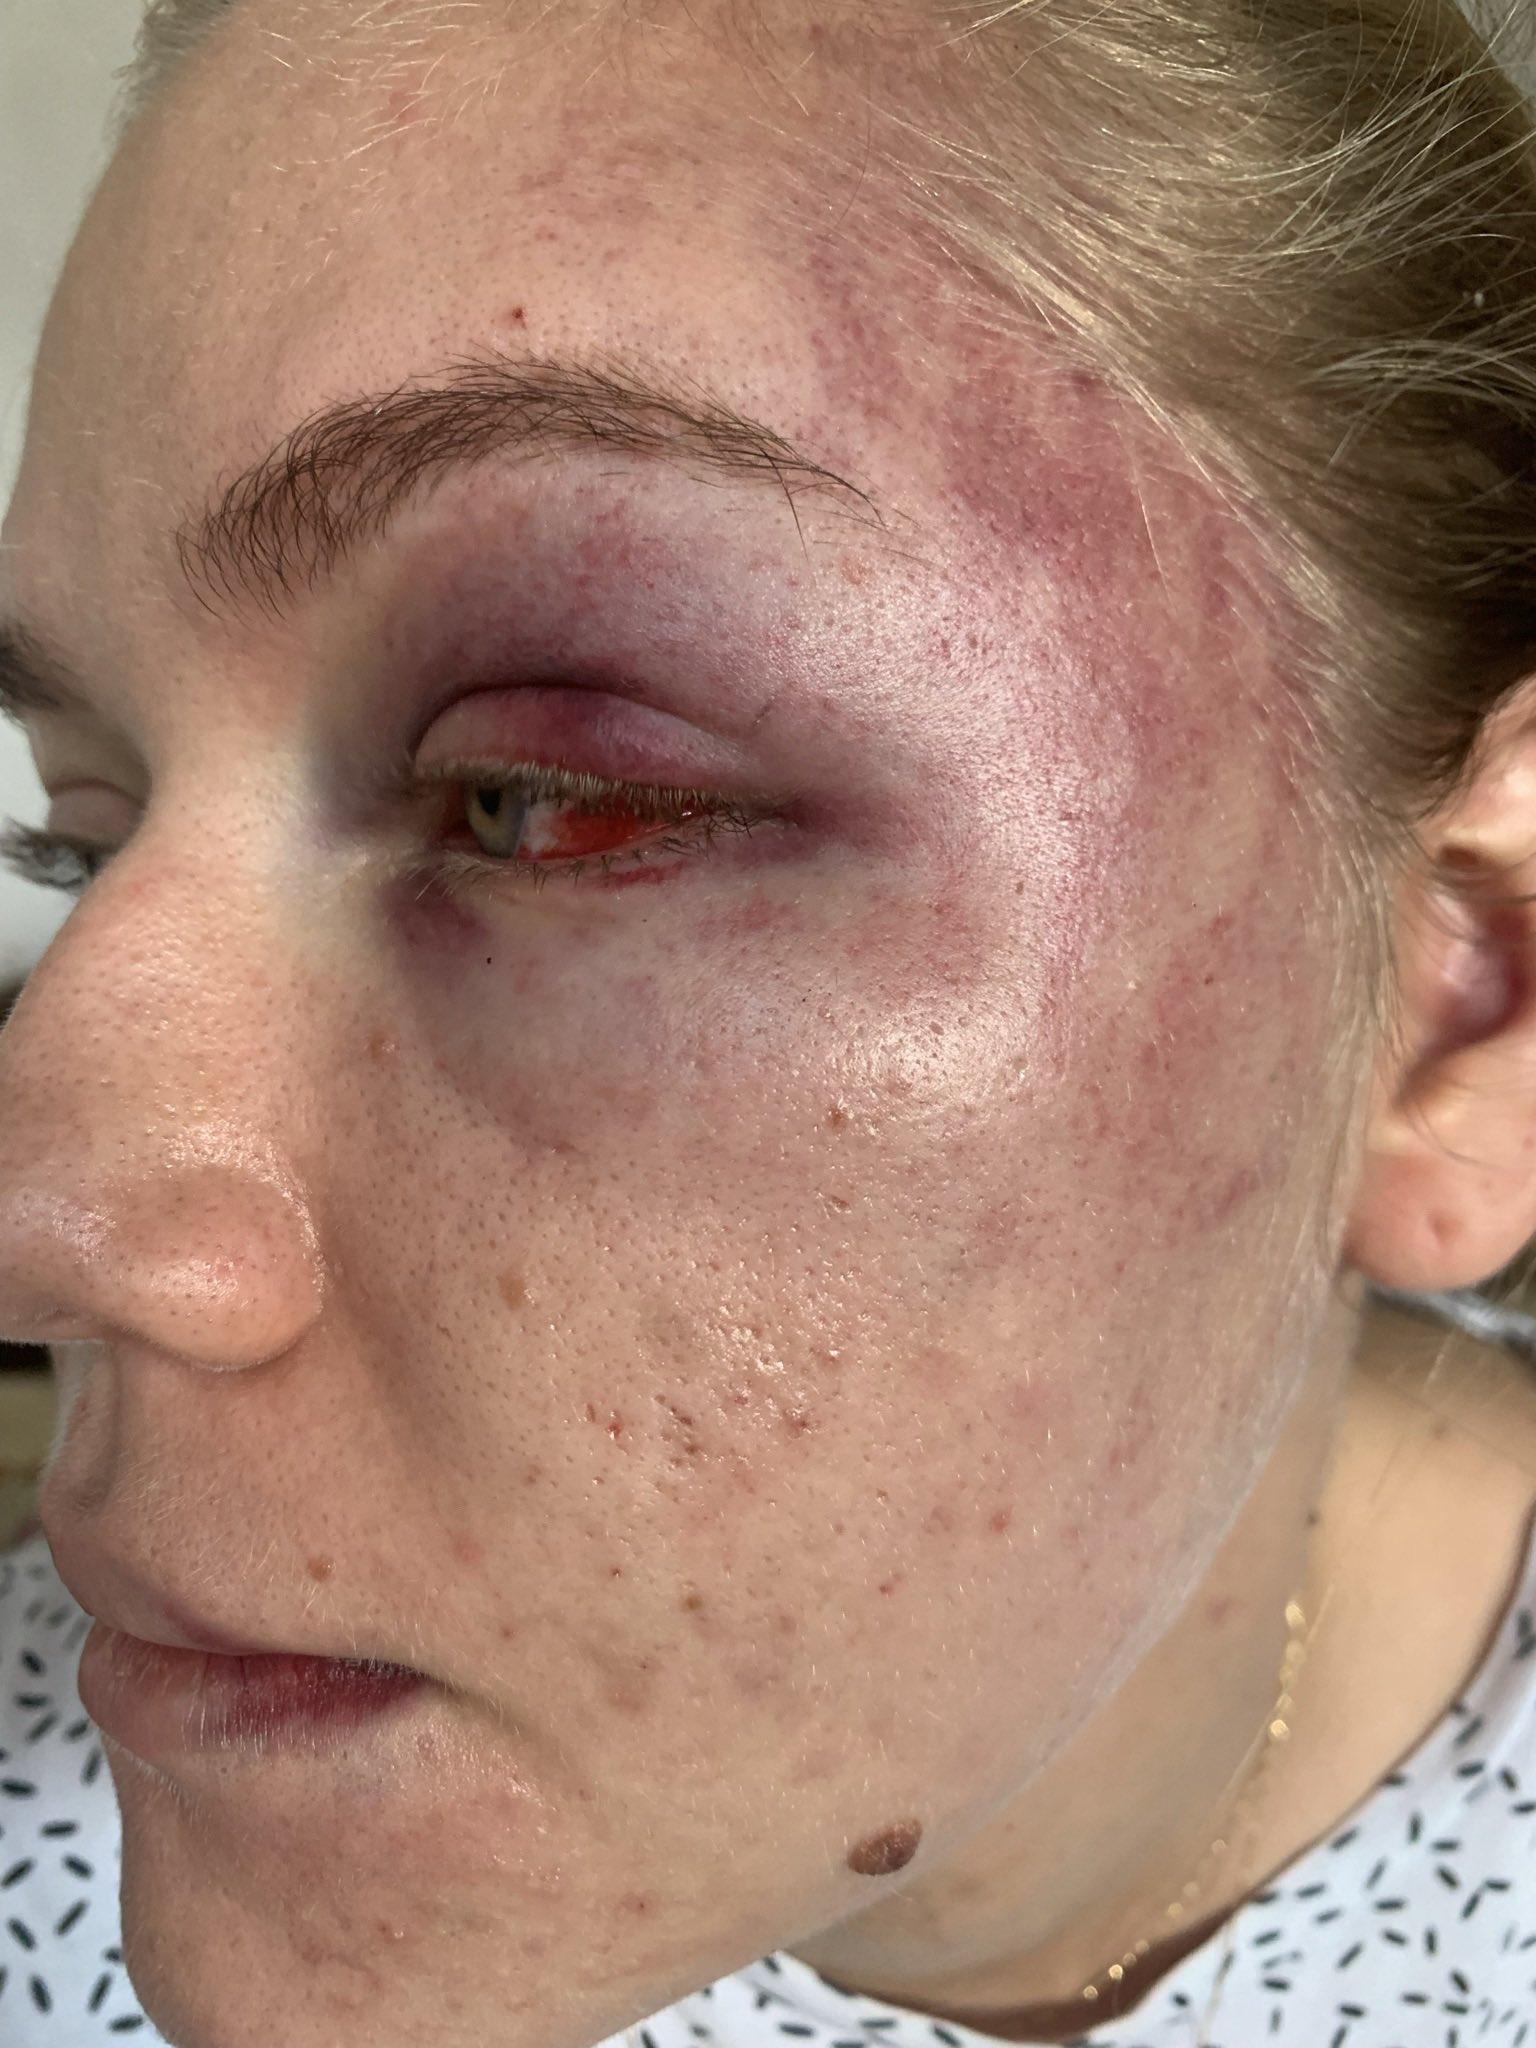 Concejal golpeó a su pareja sentimental - Noticias de Colombia